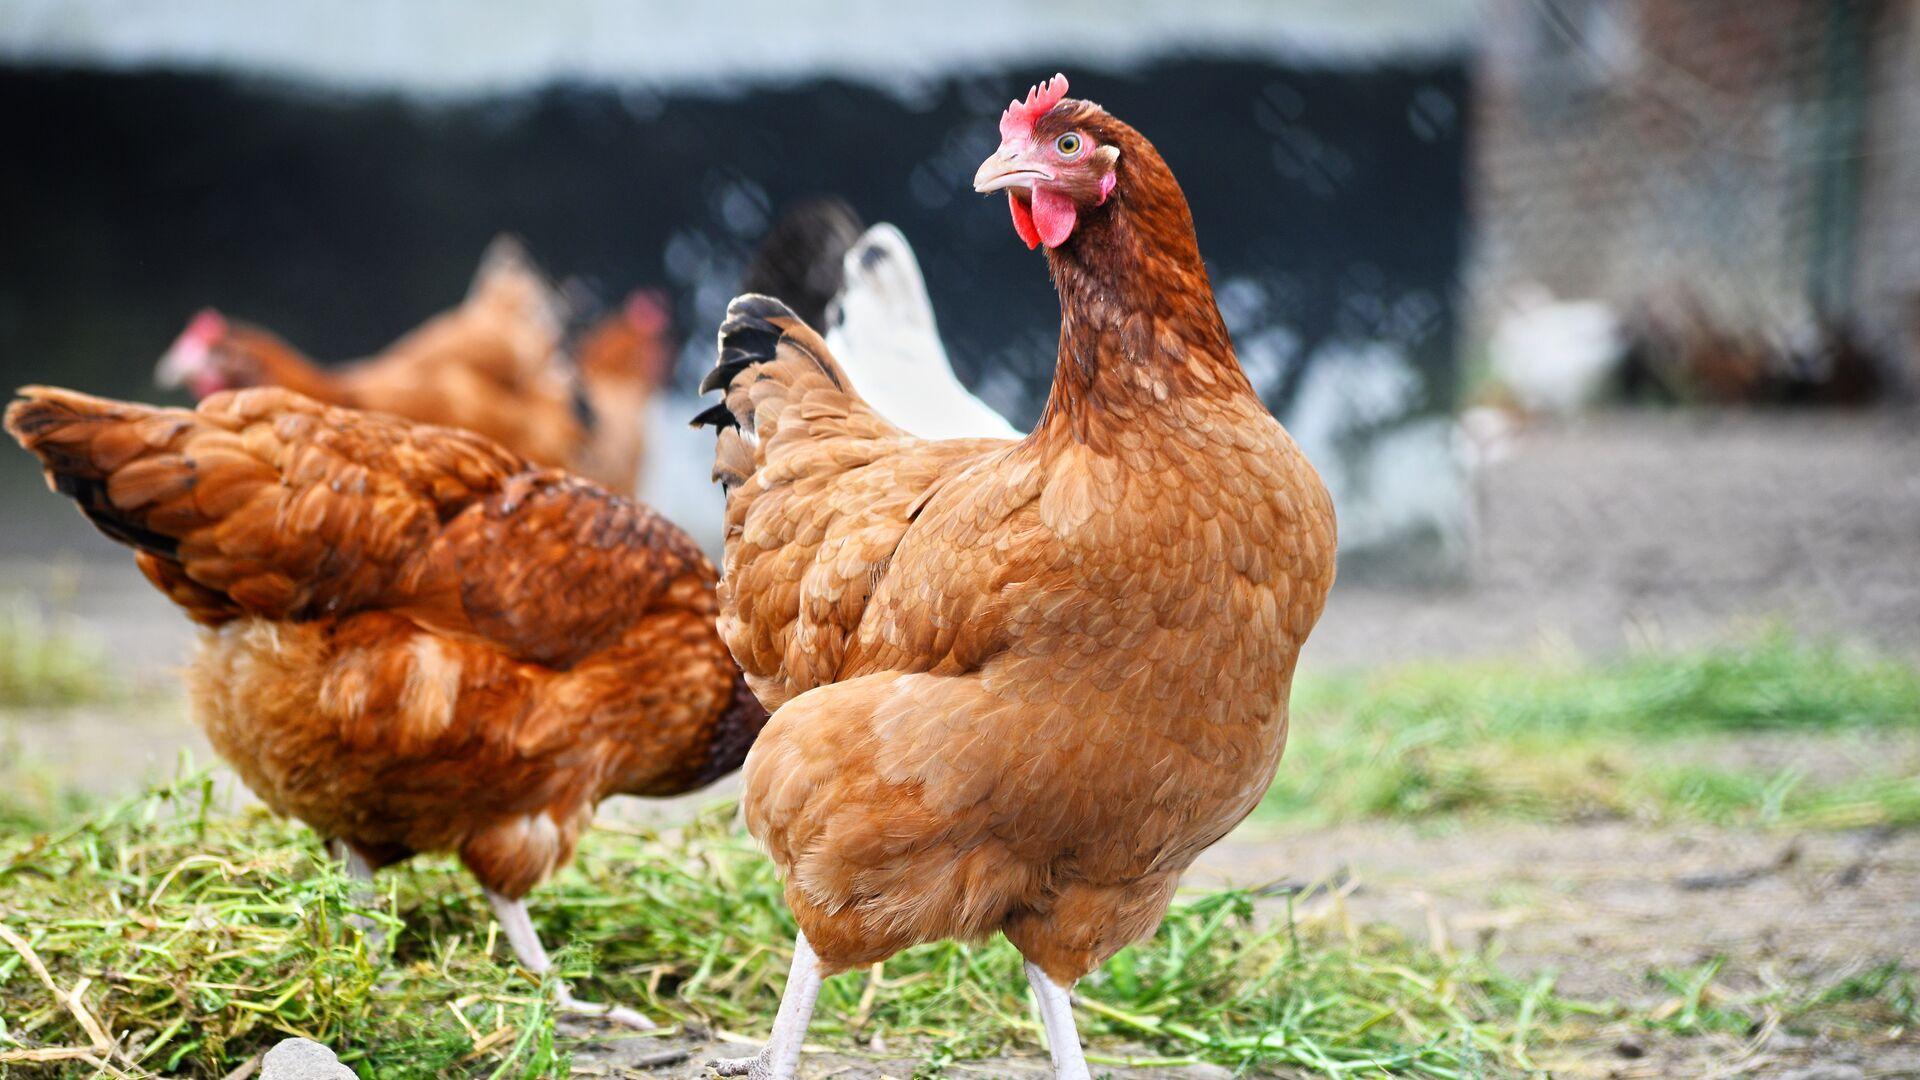 Россельхознадзор ввел запрет на ввоз птицеводческой продукции из Индии